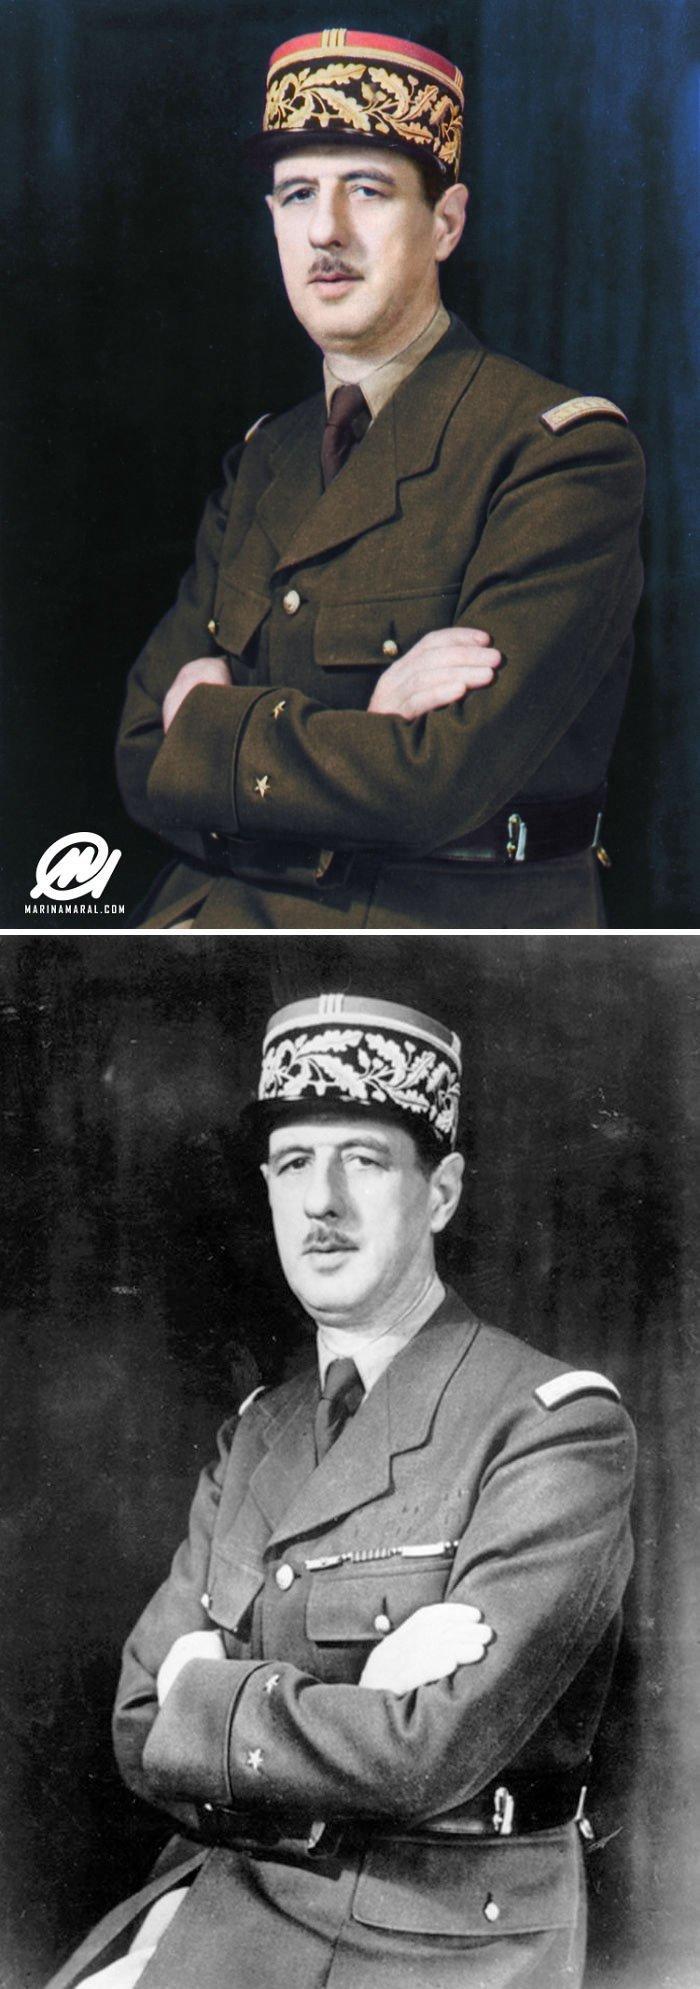 Шарль де Голль история, портрет, прошлое, событие, фотография, фотомир, цвет